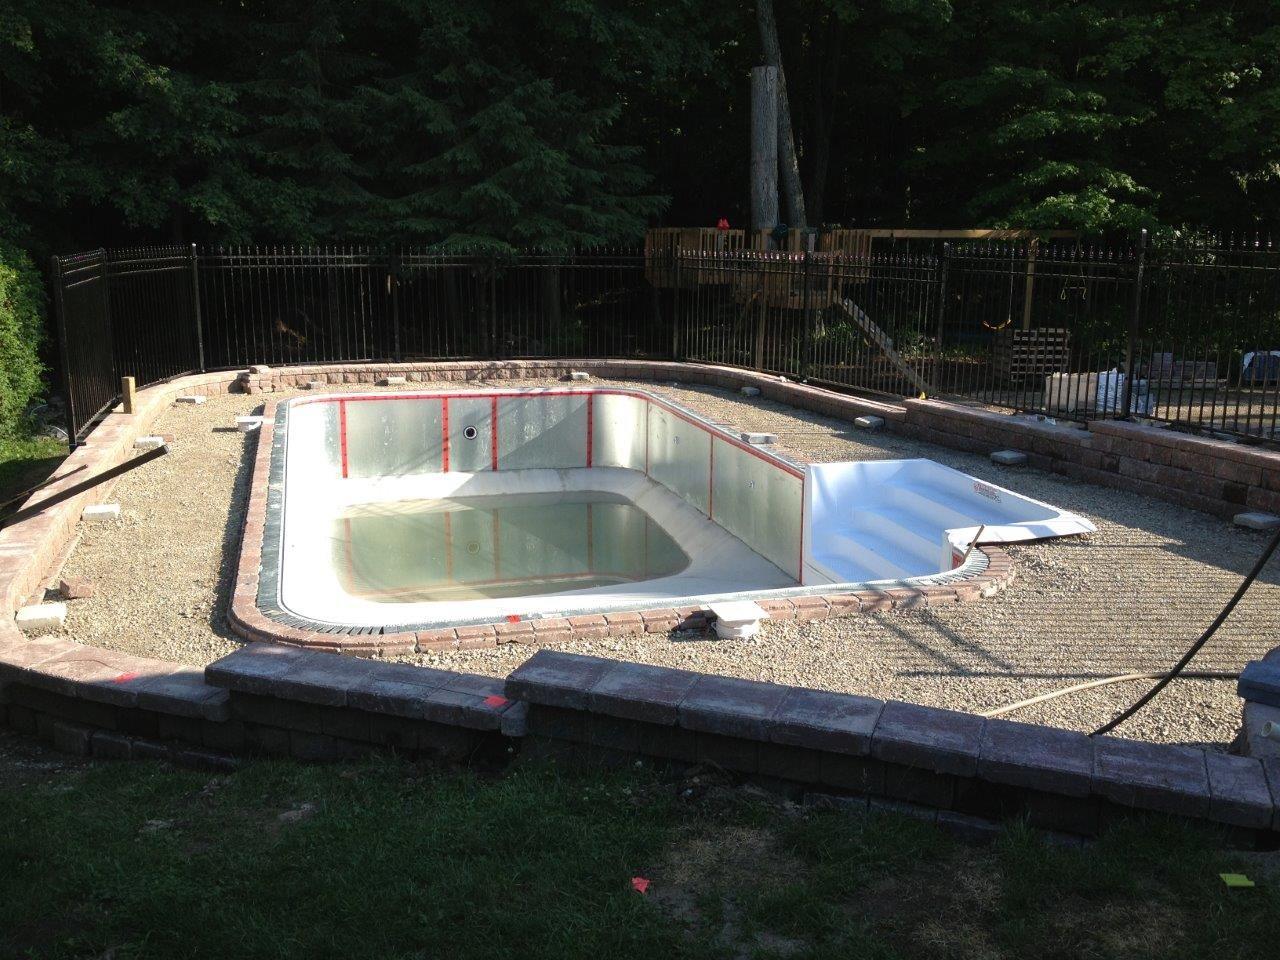 Lovely Inground Swimming Pool Final Inground Pool Diy, Build Your Own Pool, Pool  Kits,